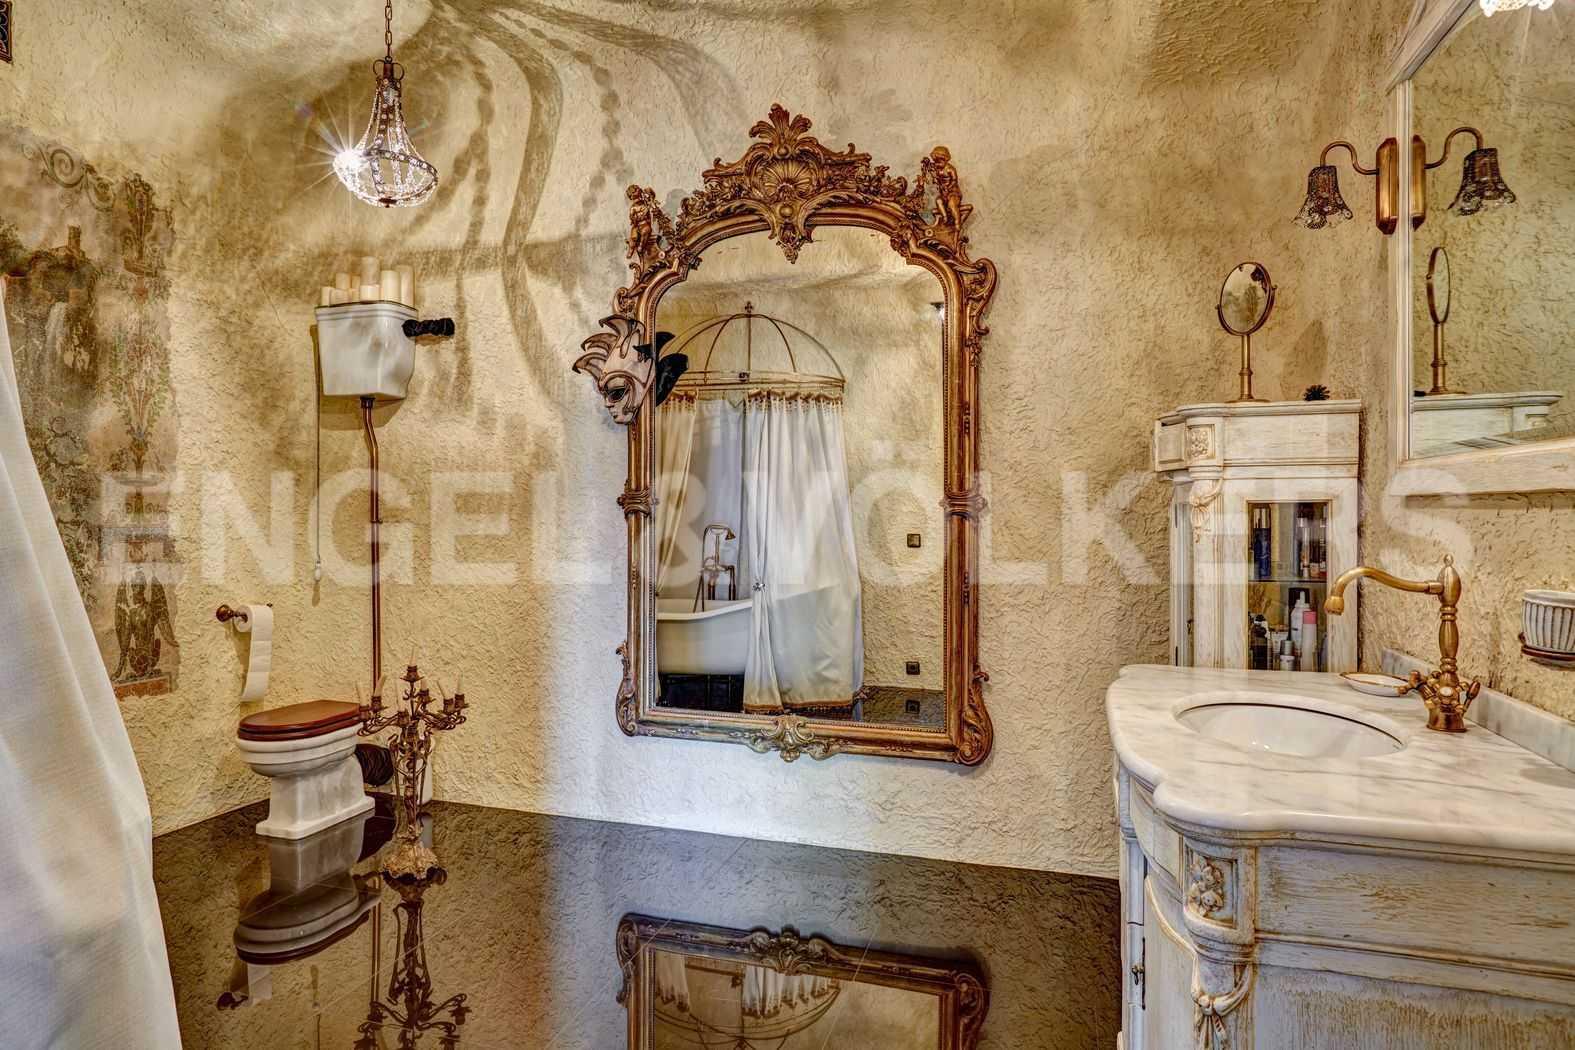 Элитные квартиры в Петроградском районе. Санкт-Петербург, Песочная наб. 18. Итальянская ванная комната в венецианском стиле